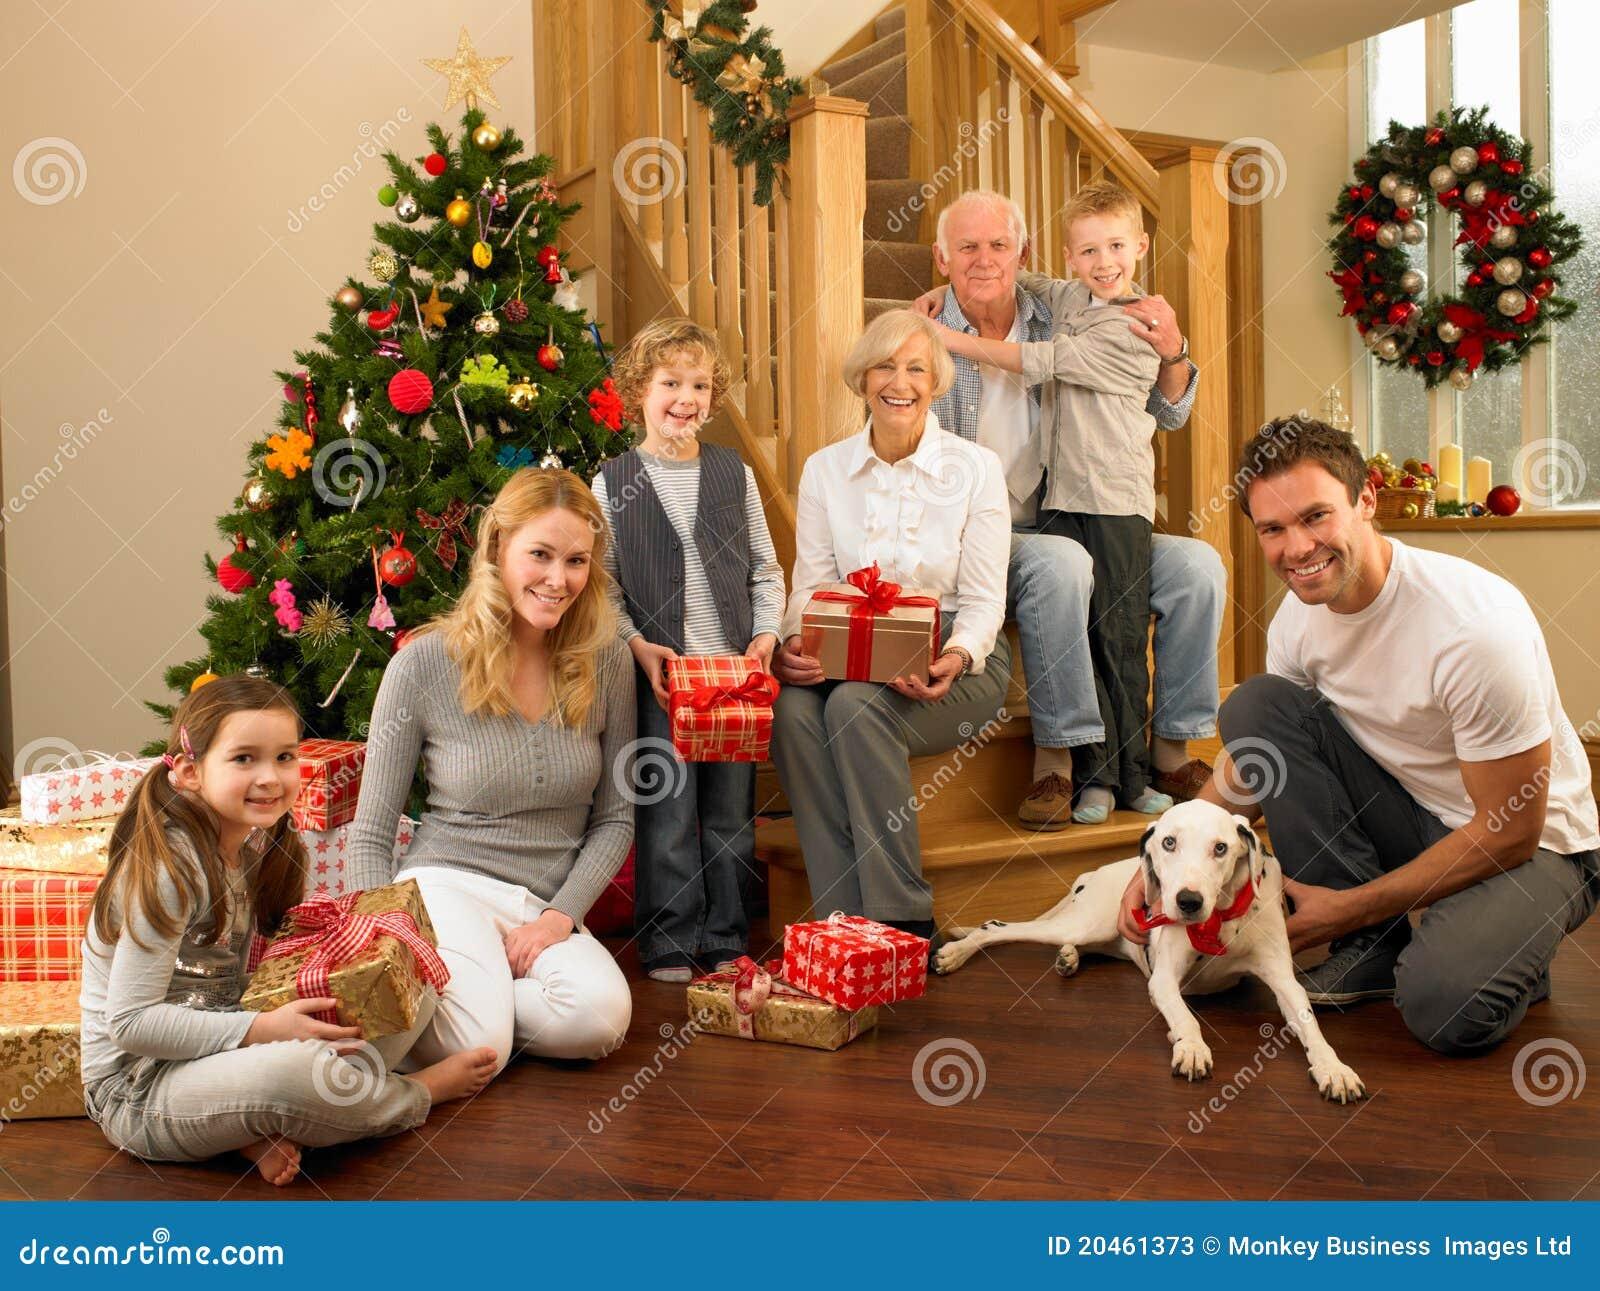 familie mit geschenken vor weihnachtsbaum stockfotos. Black Bedroom Furniture Sets. Home Design Ideas